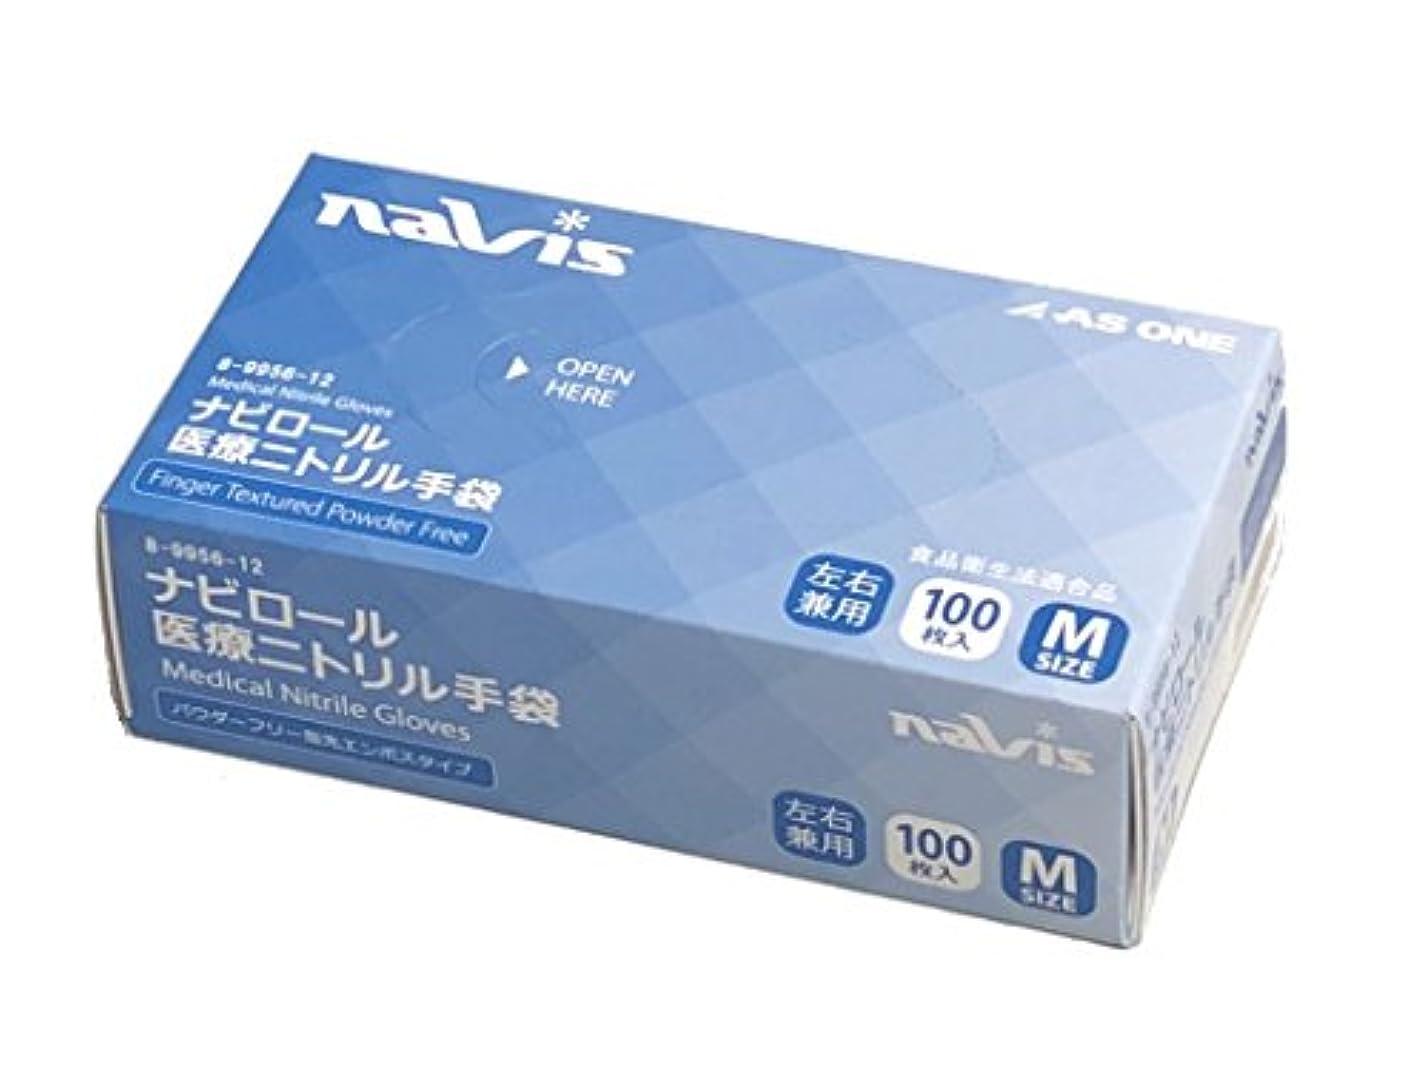 付ける開いた聴覚ナビロール医療ニトリル手袋(パウダーフリー) M /8-9956-12